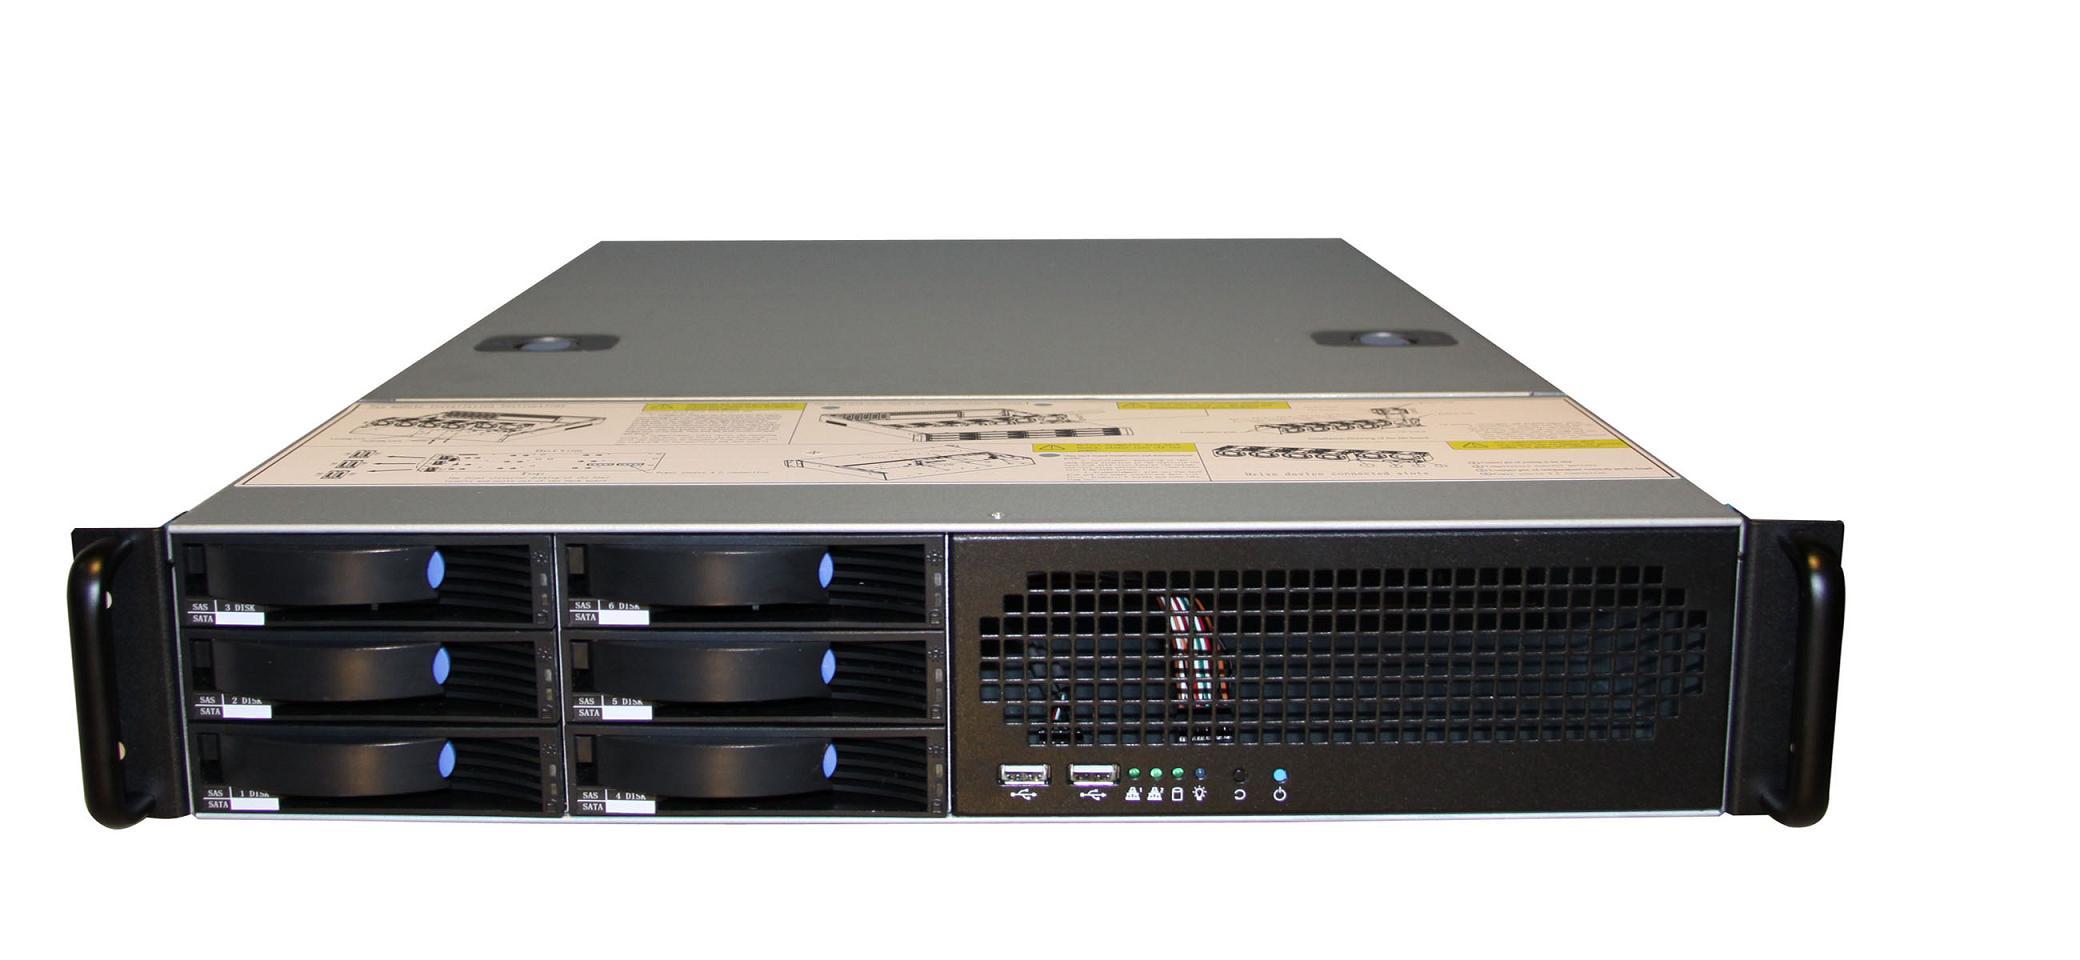 2U rack mount server case